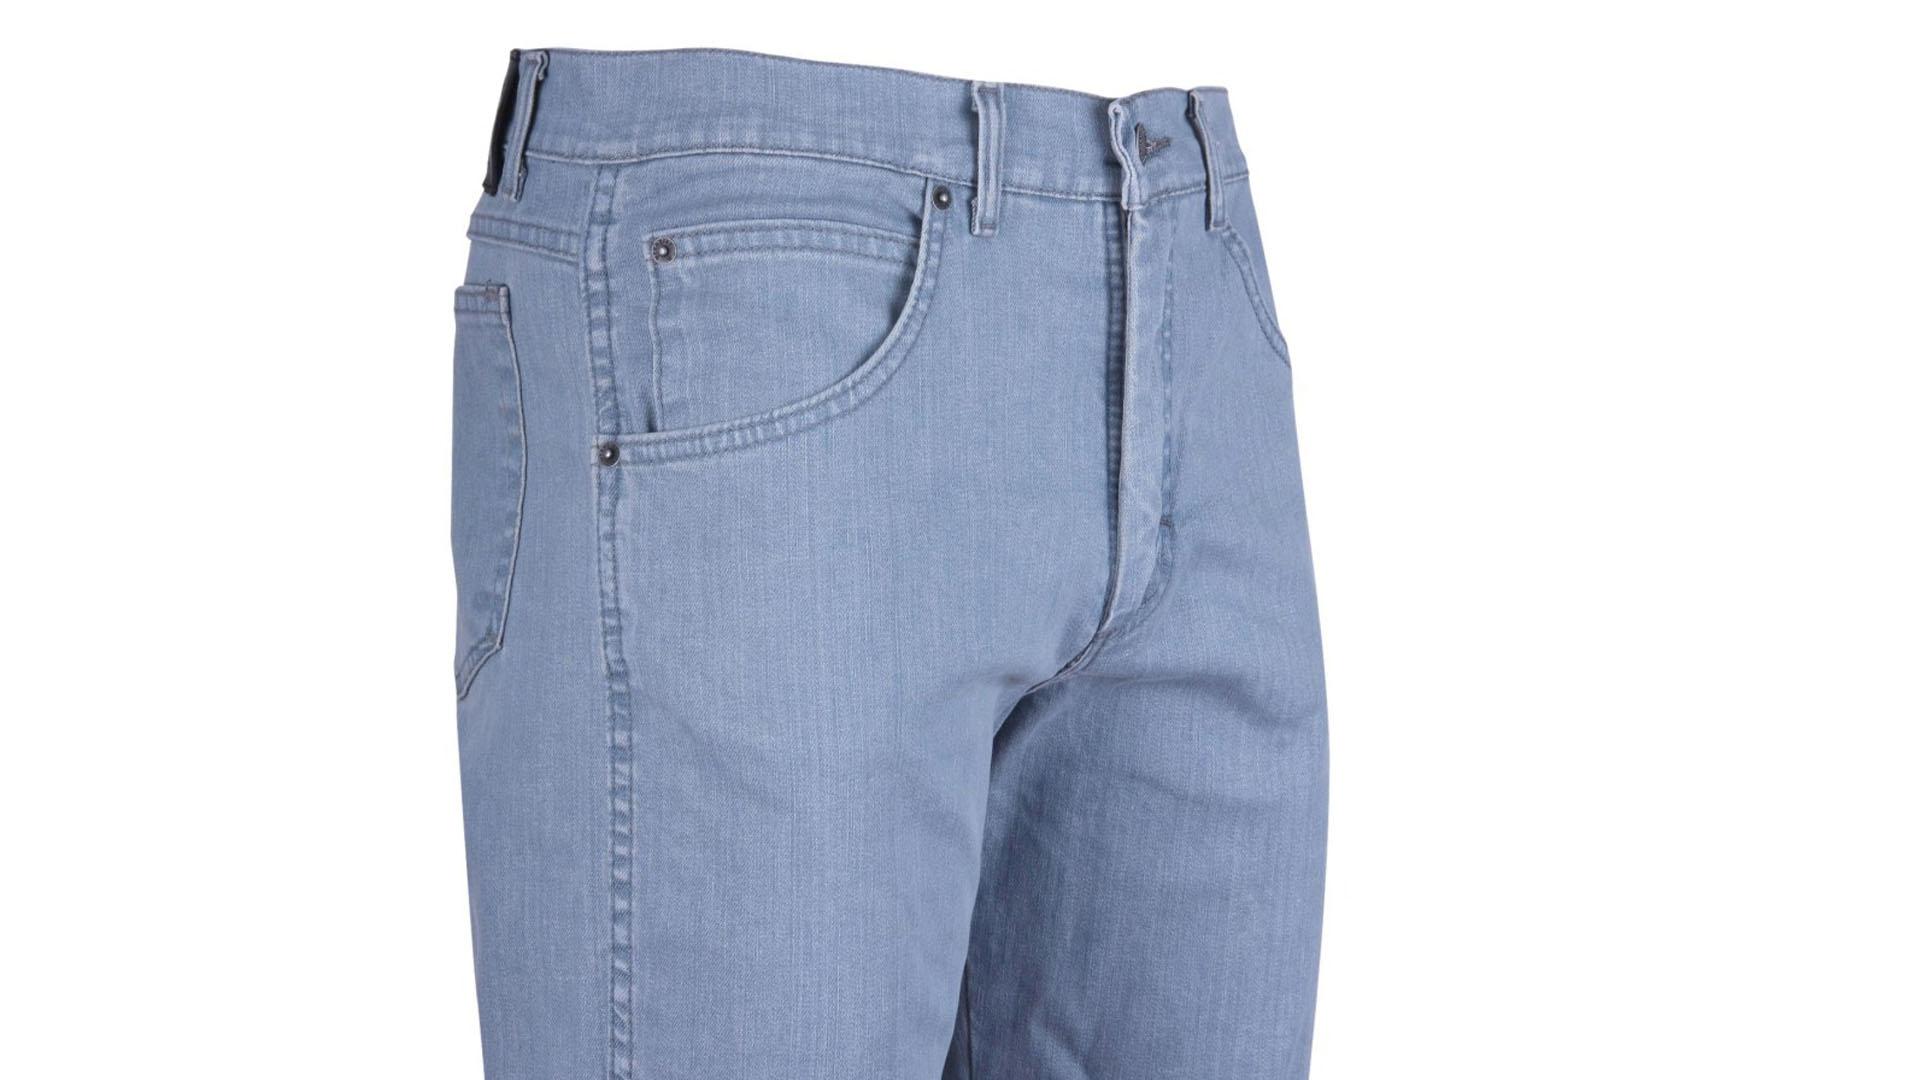 El jean Montana es el más clásico y el más vendido